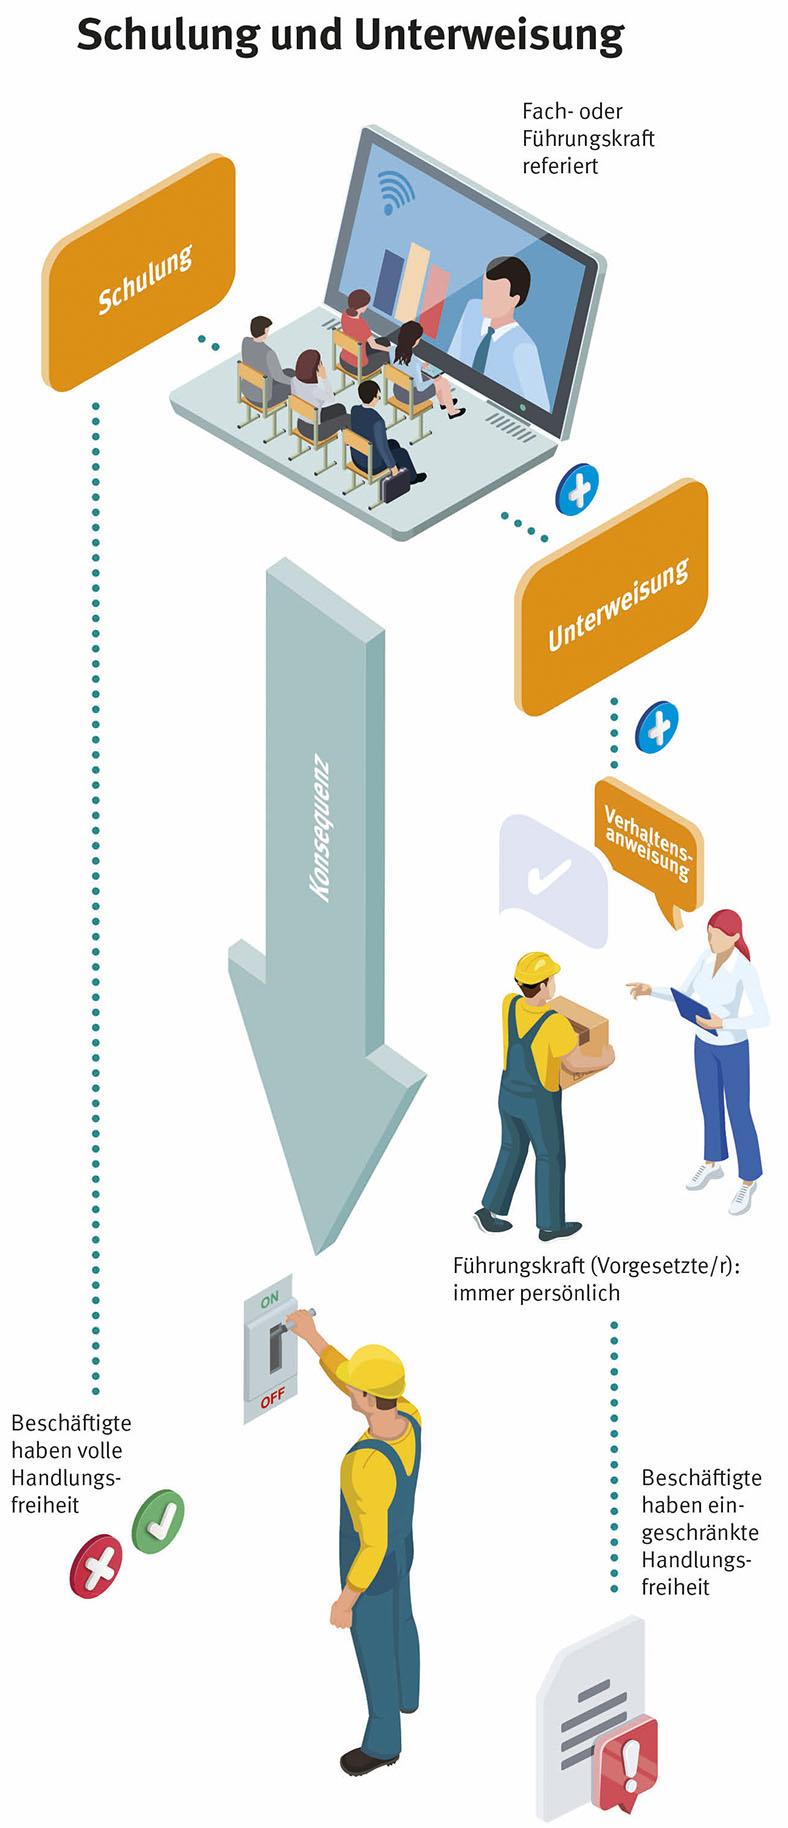 Schematische Grafik einer digitalen Arbeitsschutz-Schulung, mit Verzweigung zwischen Schulung und Unterweisung. Links darf ein direkt digital geschulter Beschäftigter uneingeschränkt Arbeiten ausführen, rechts findet nach der Schulung eine persönliche Unterweisung des Beschäftigten durch eine Führungskraft statt, verbunden mit einer Verhaltensanweisung.